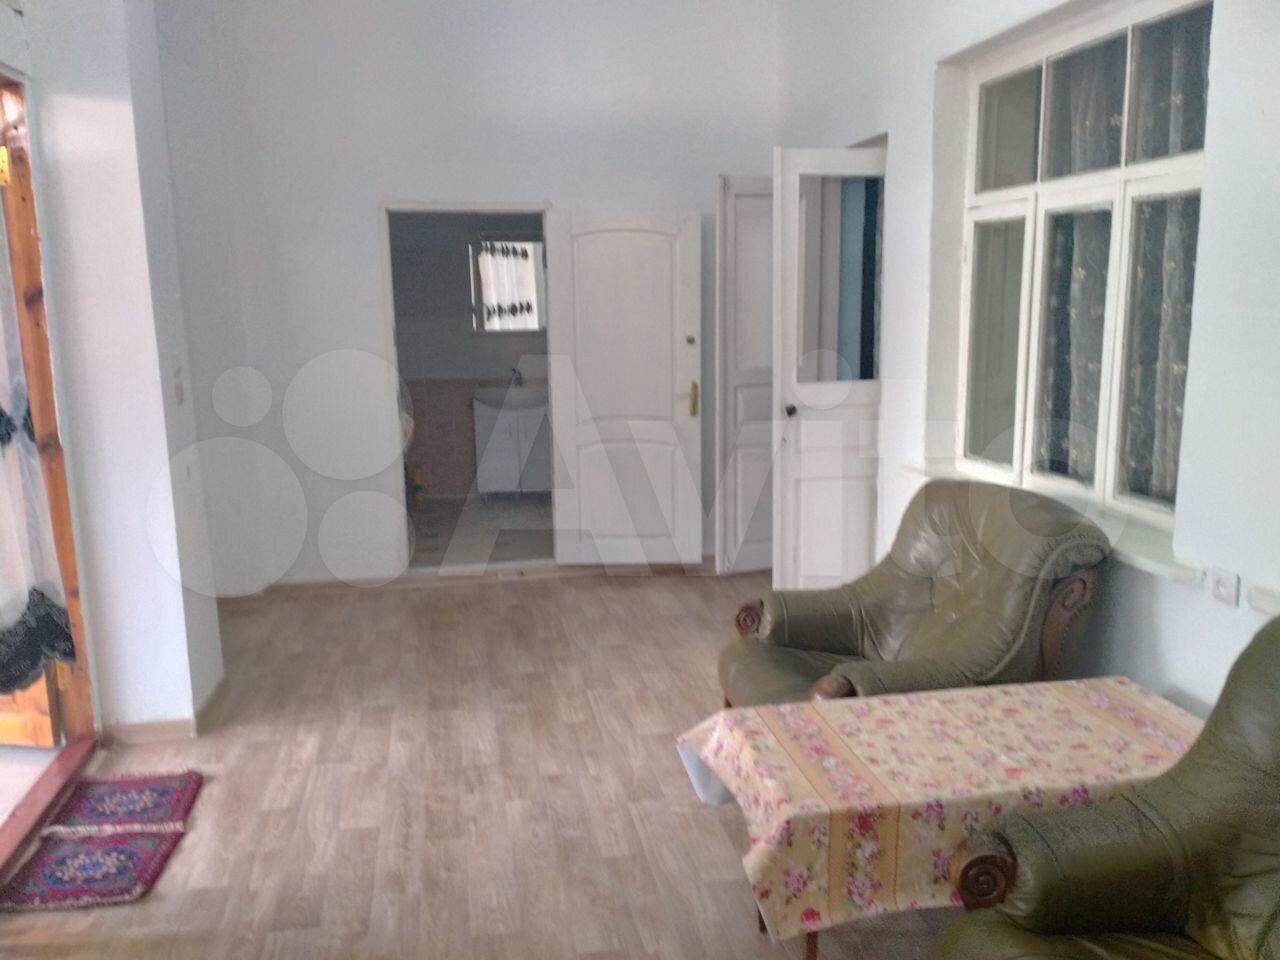 3-к квартира, 80 м², 1/1 эт.  89637966340 купить 4